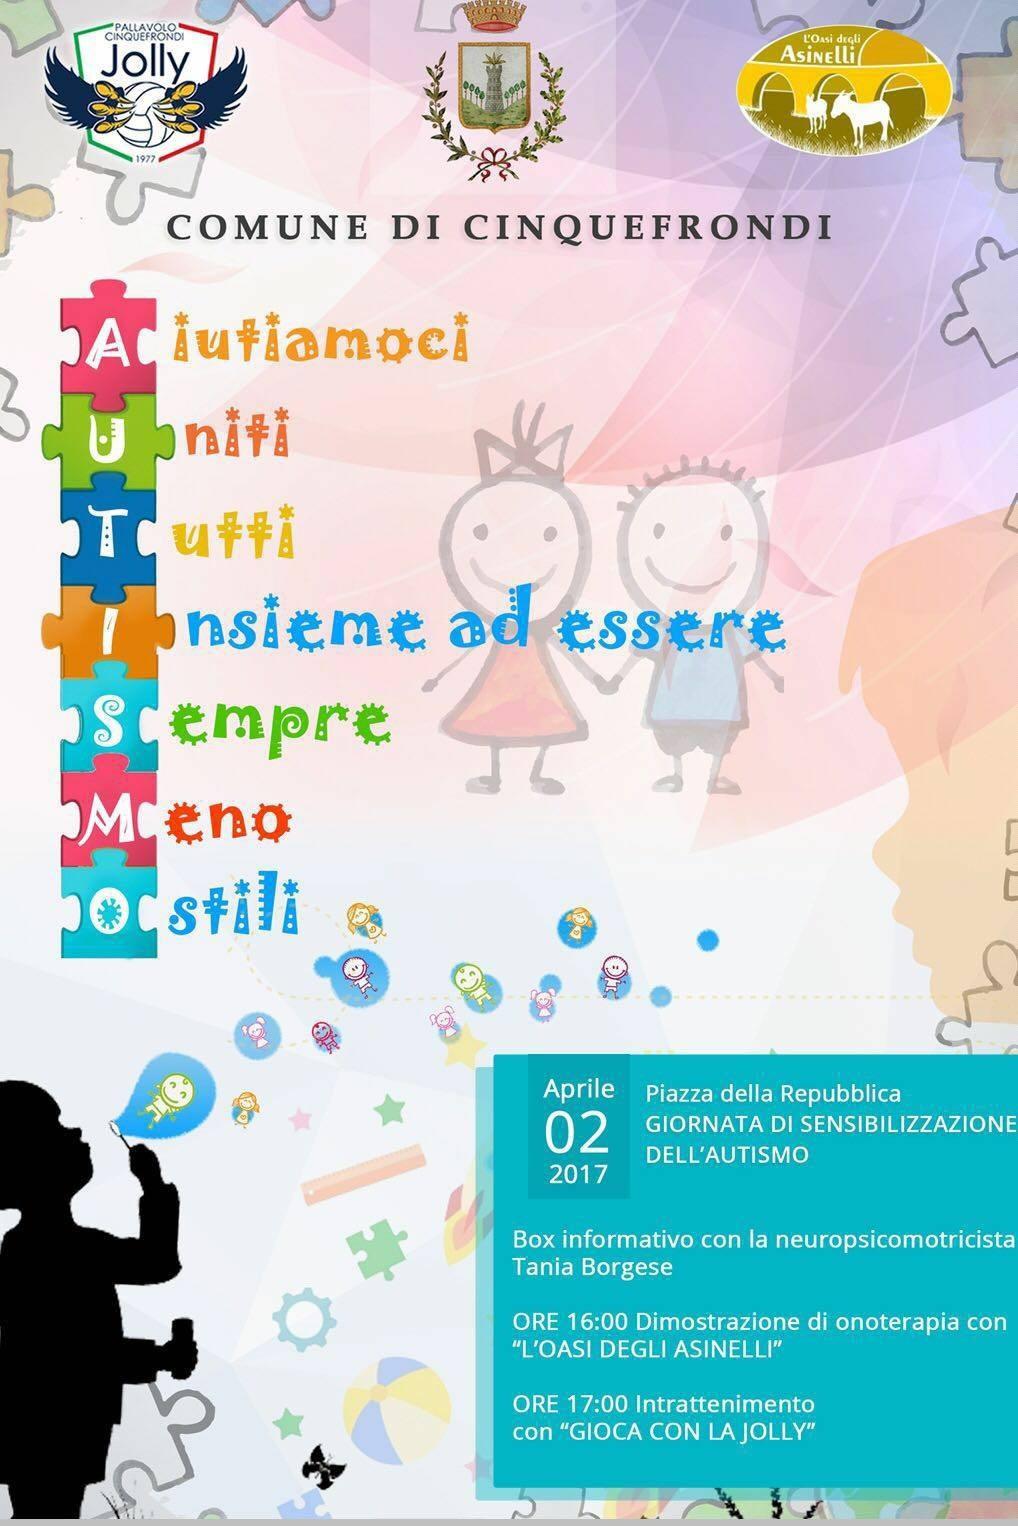 Giornata Mondiale della Consapevolezza - Cinquefrondi